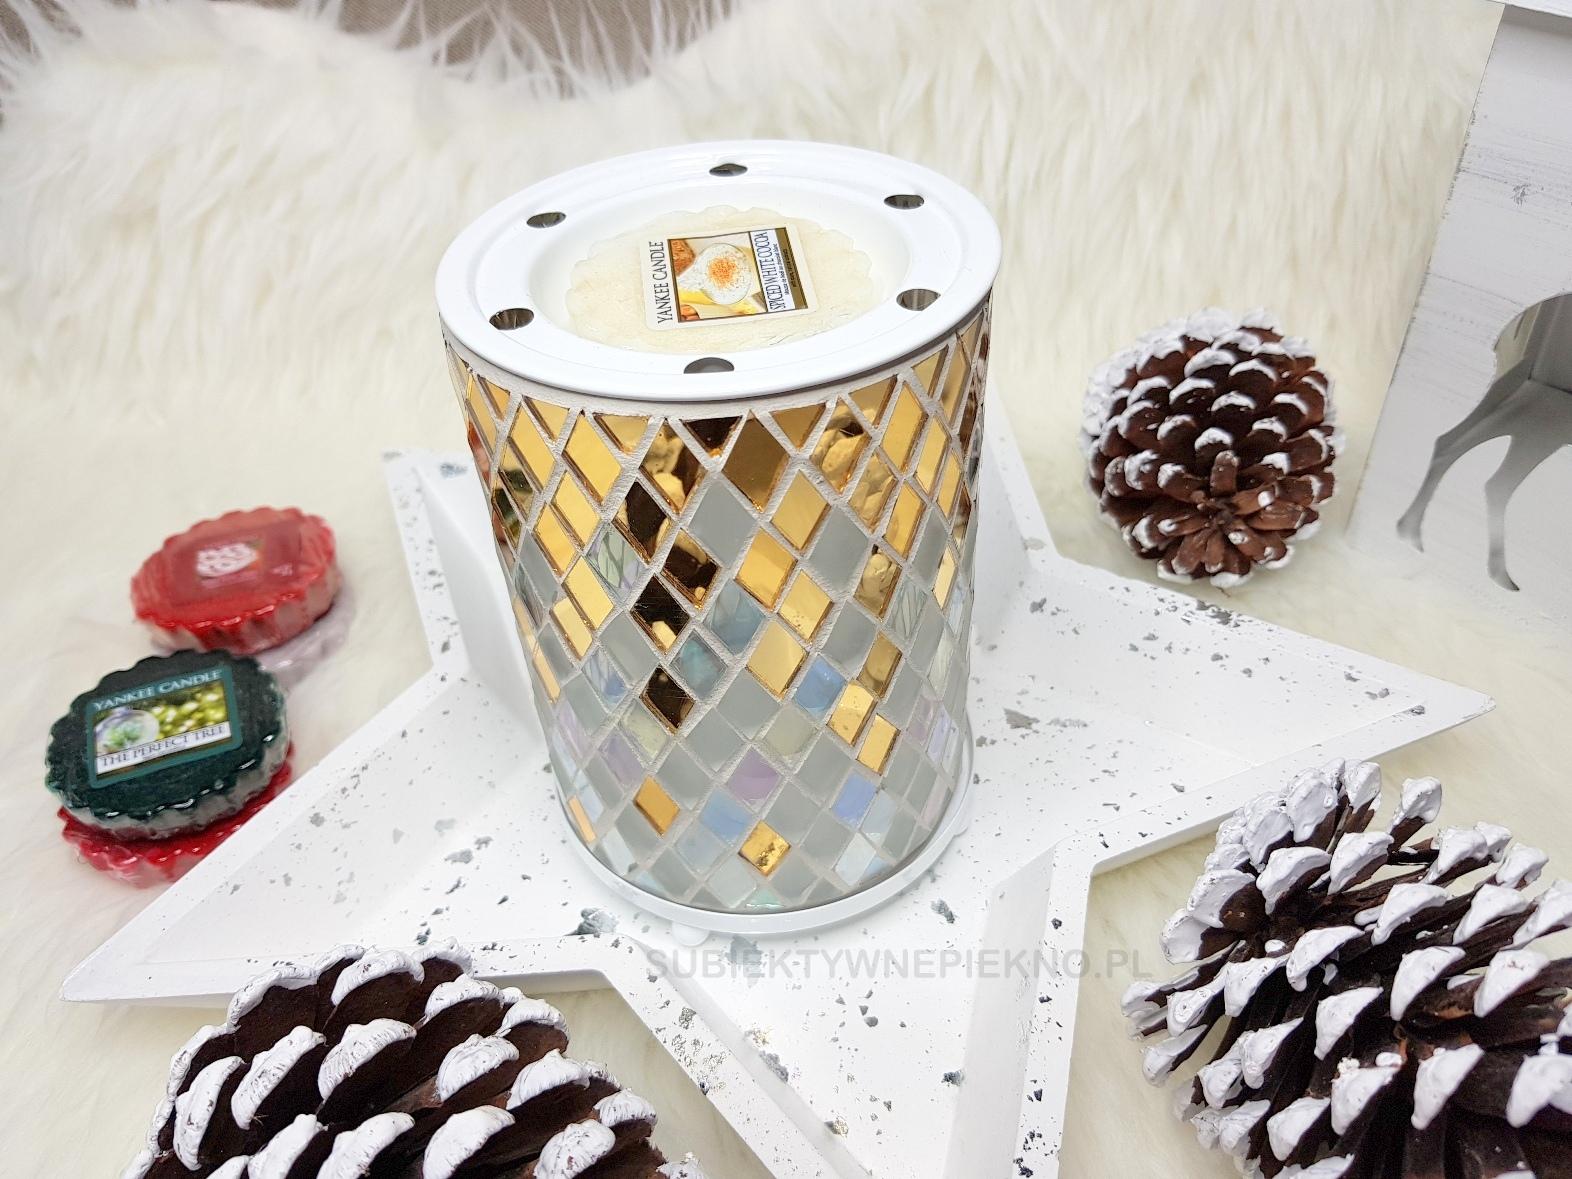 Pomysły na prezenty świąteczne do 100zł - Kominek zapachowy Yankee Candle Celebrate i woski